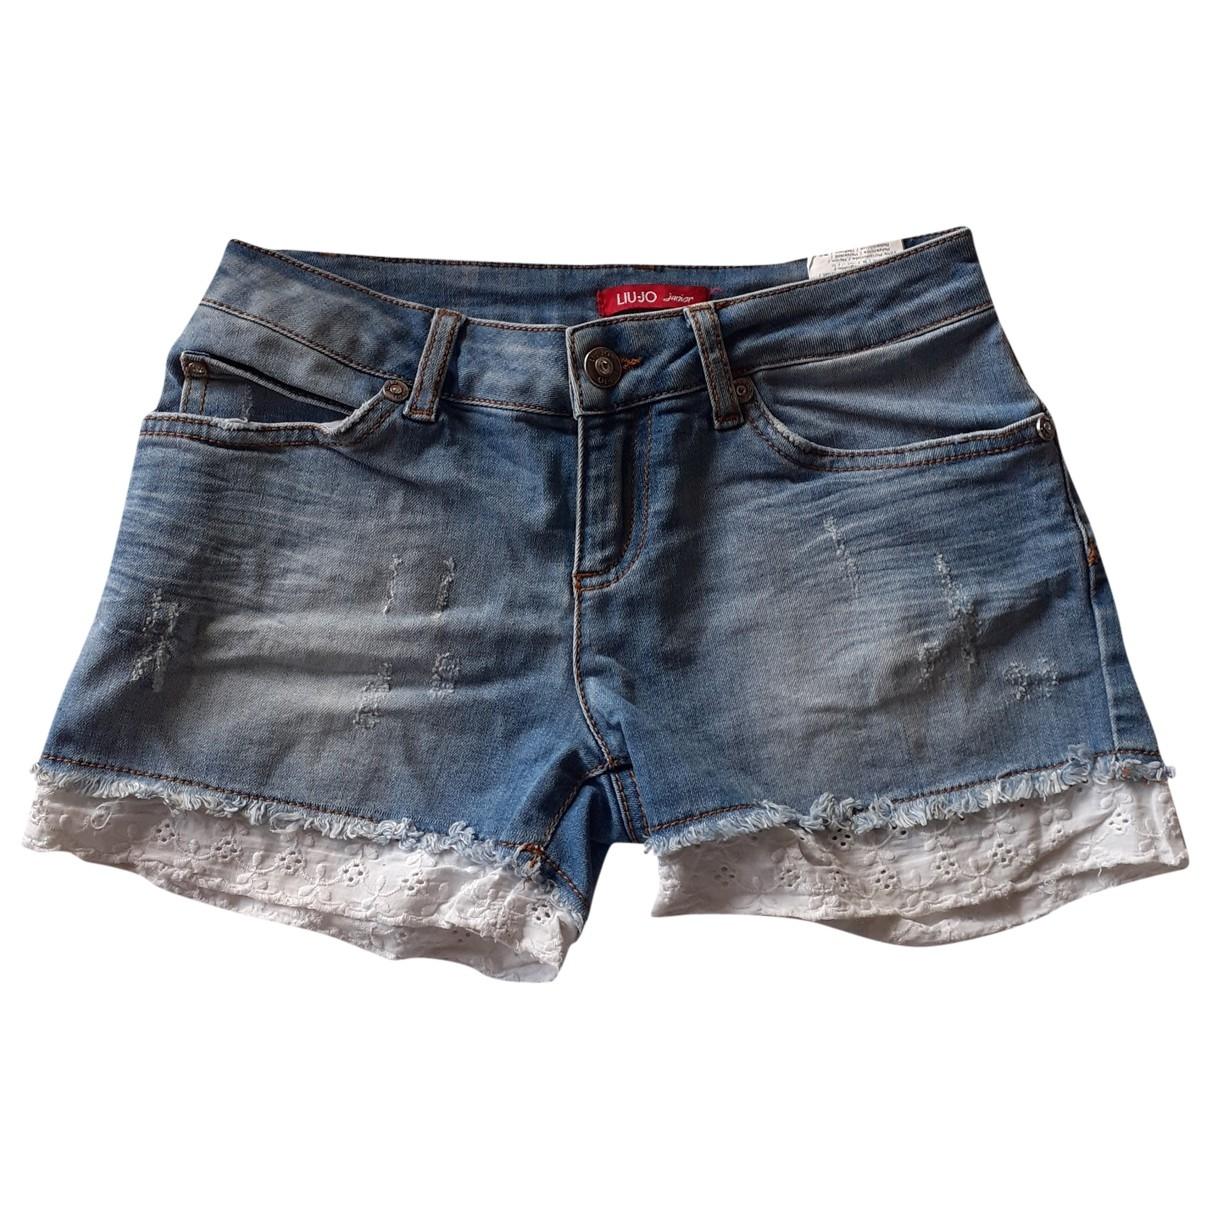 Pantalon corto Liu.jo